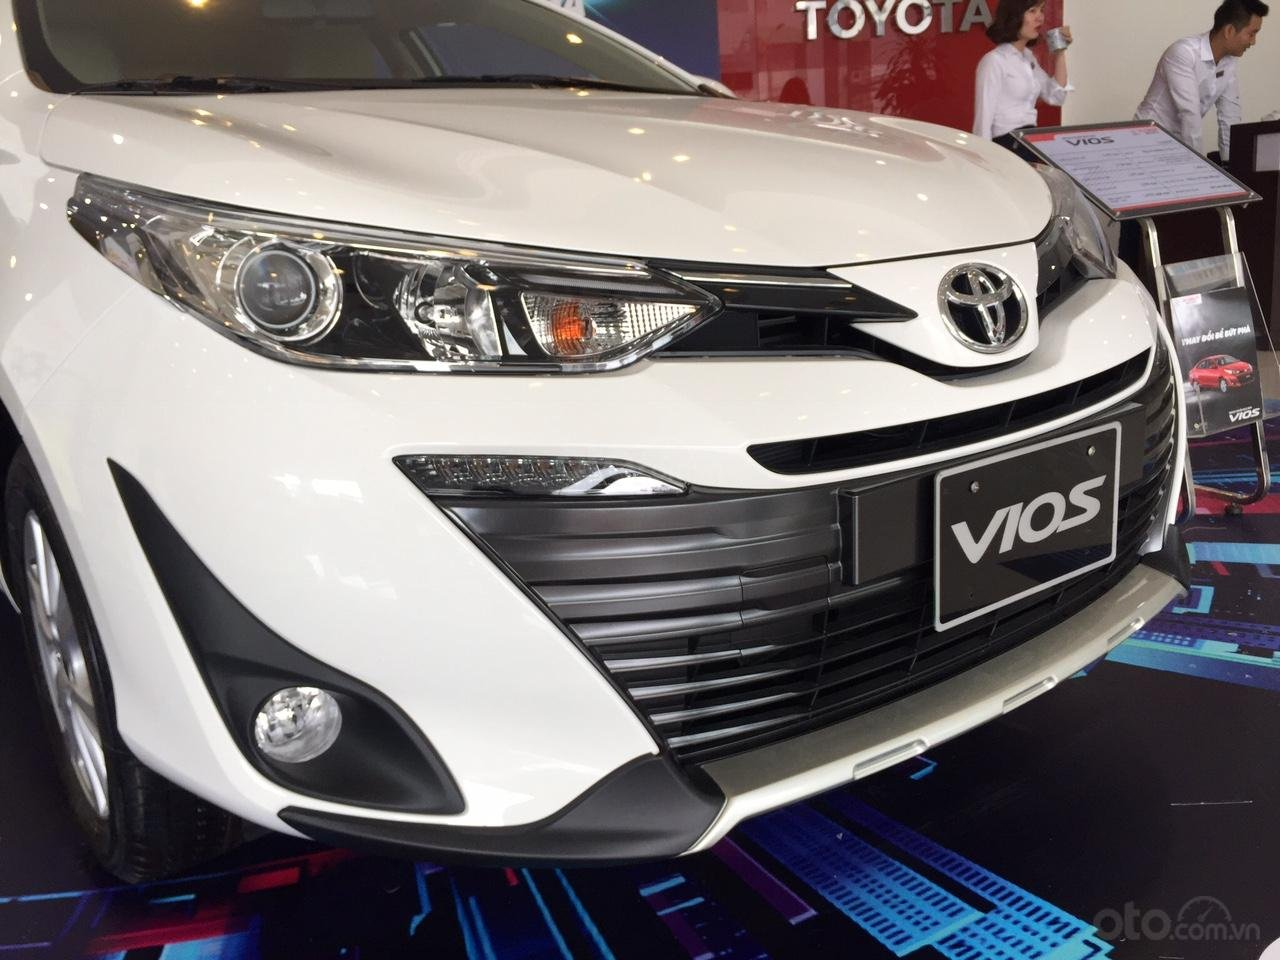 Giá xe Toyota Vios 1.5G 2019, giảm sập sàn, tặng bảo hiểm thân vỏ, hỗ trợ trả góp, chi tiết LH ngay 0978835850 (2)